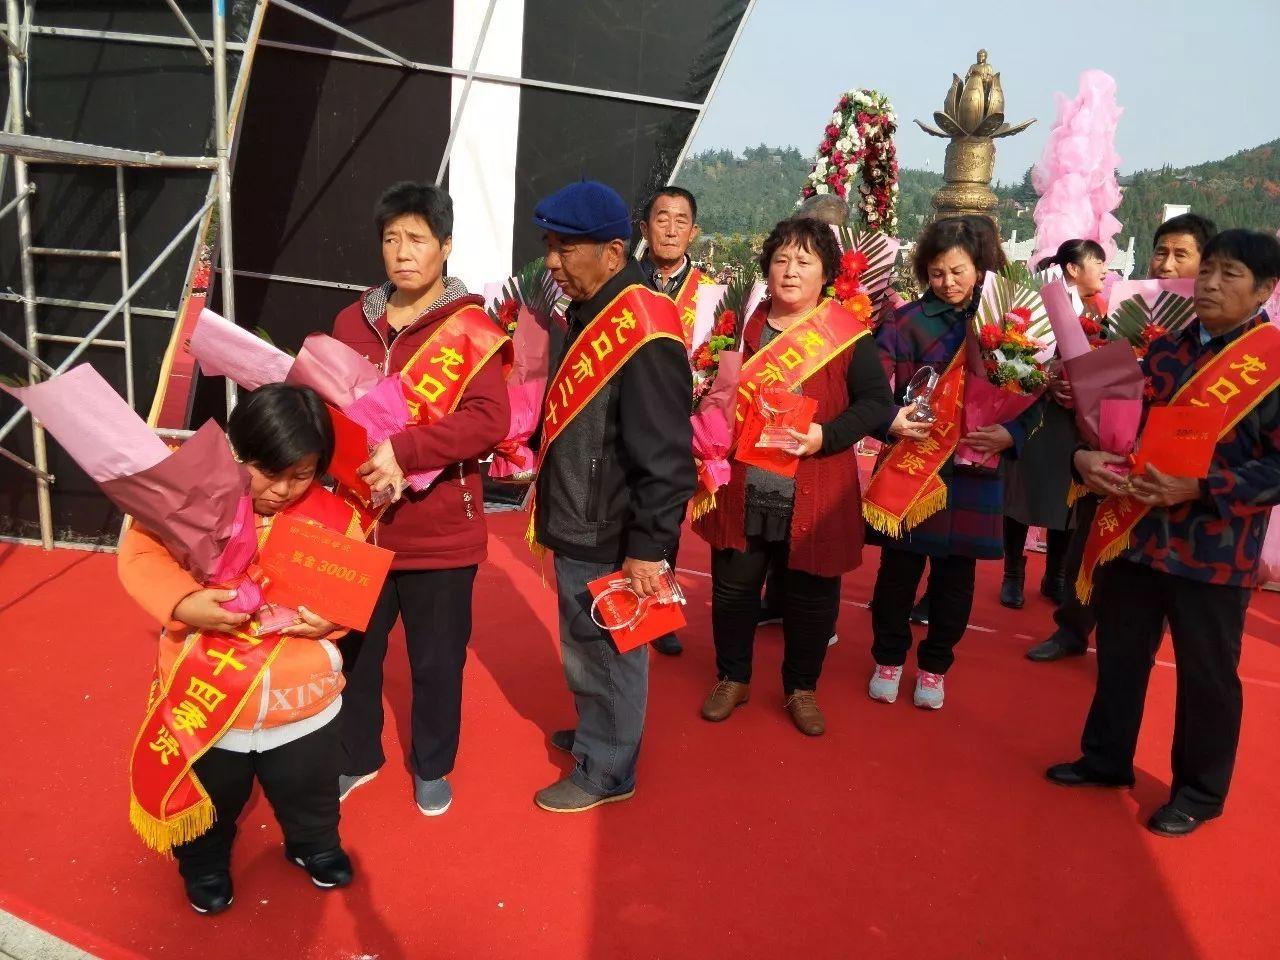 马景涛宣布离婚, 34岁妻子离婚前三天仍在健身!